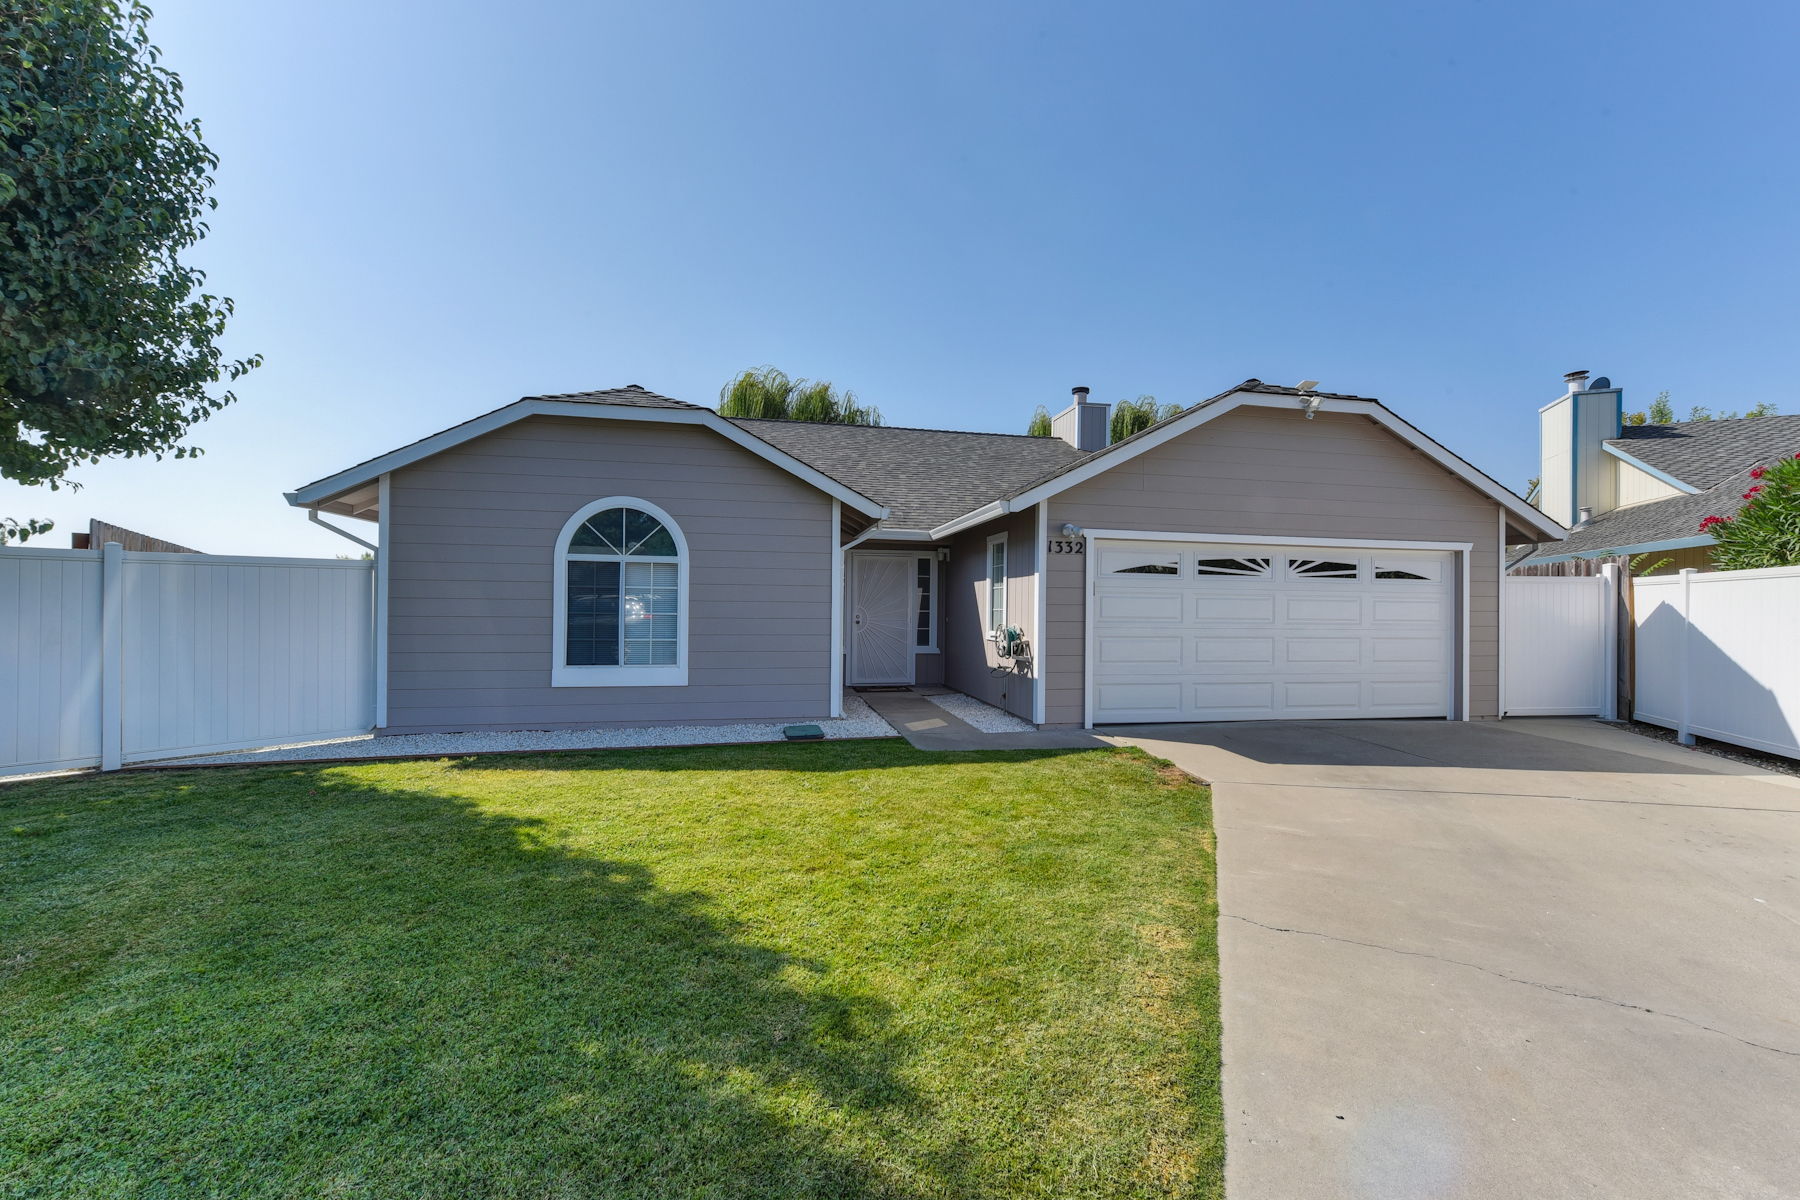 Maison unifamiliale pour l Vente à 1332 Corodon St, Walnut Grove, CA 95690 Walnut Grove, Californie 95690 États-Unis